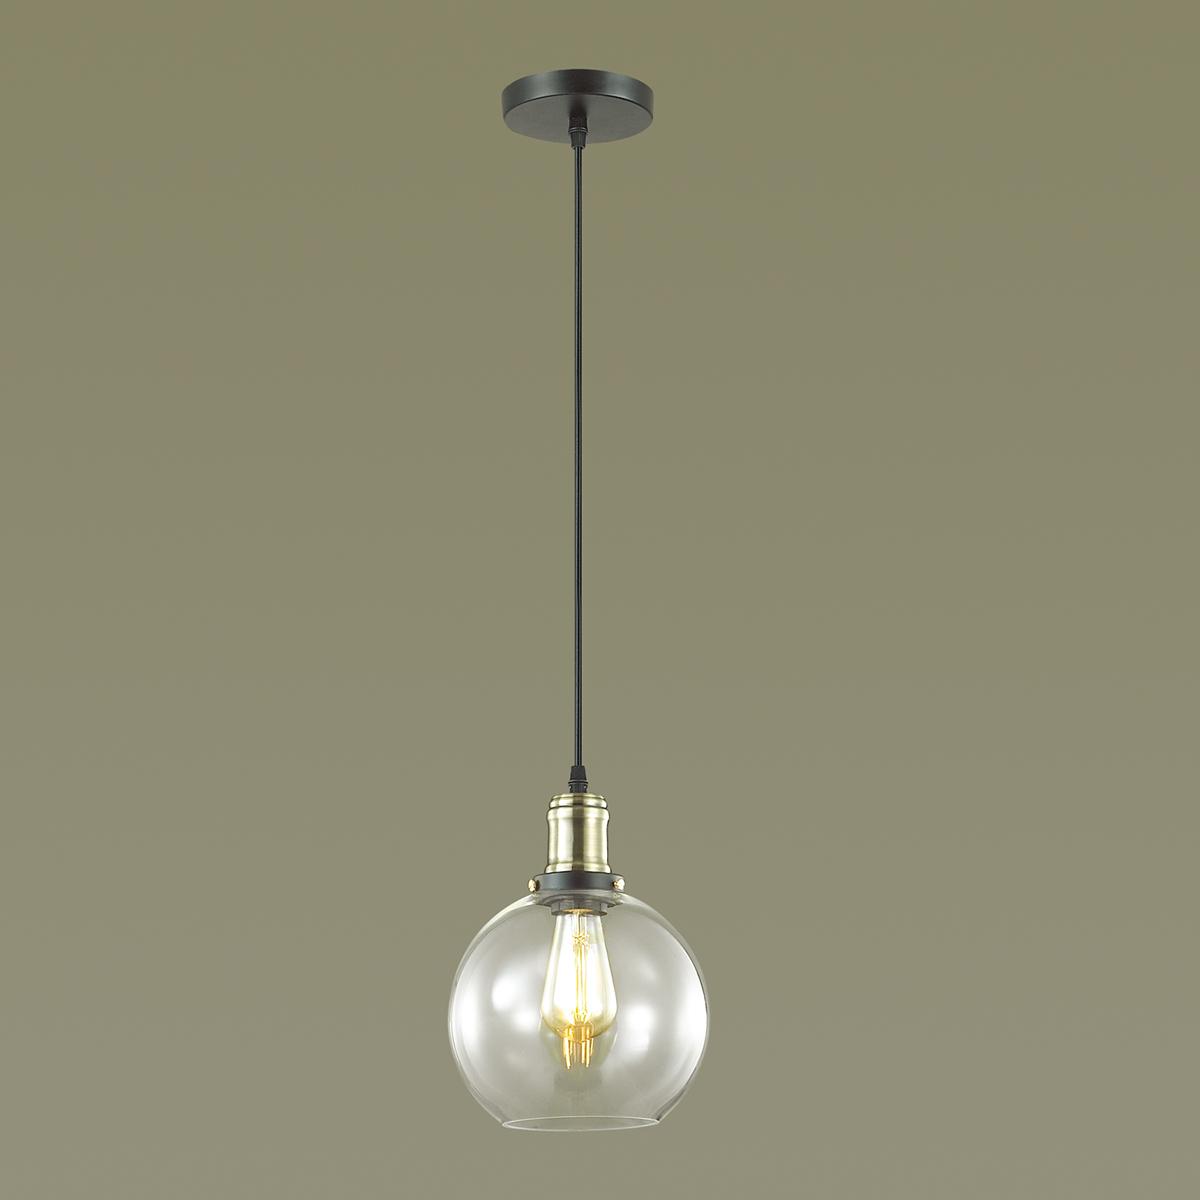 Подвесной светильник Lumion Suspentioni Kit 3684/1, 1xE27x60W, черный, бронза, прозрачный, металл, стекло - фото 3